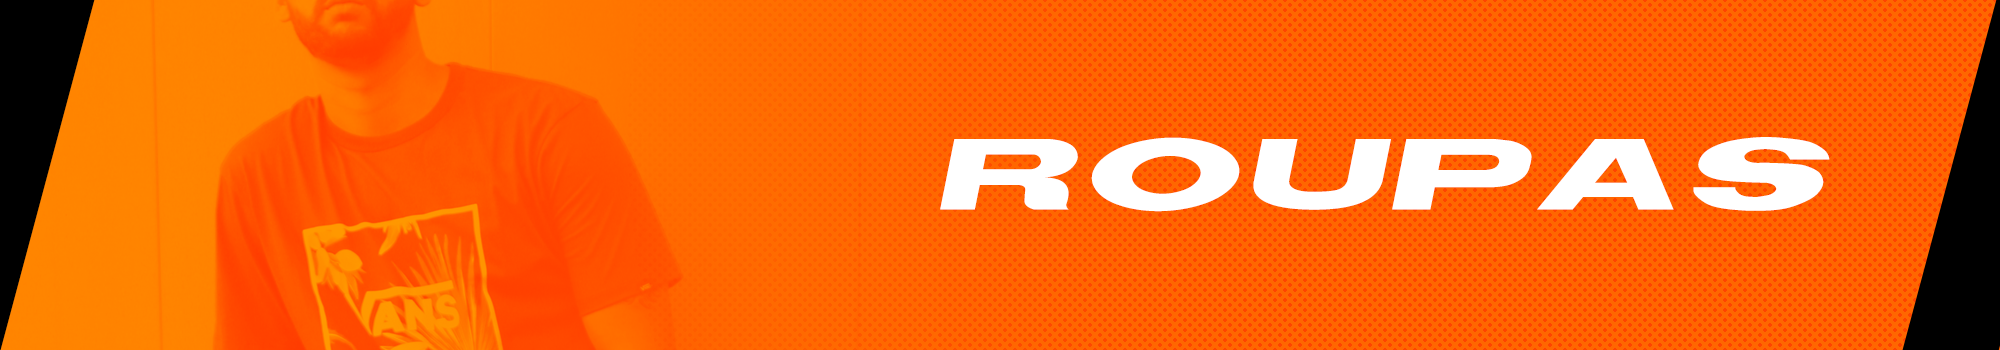 Roupas-Mobile